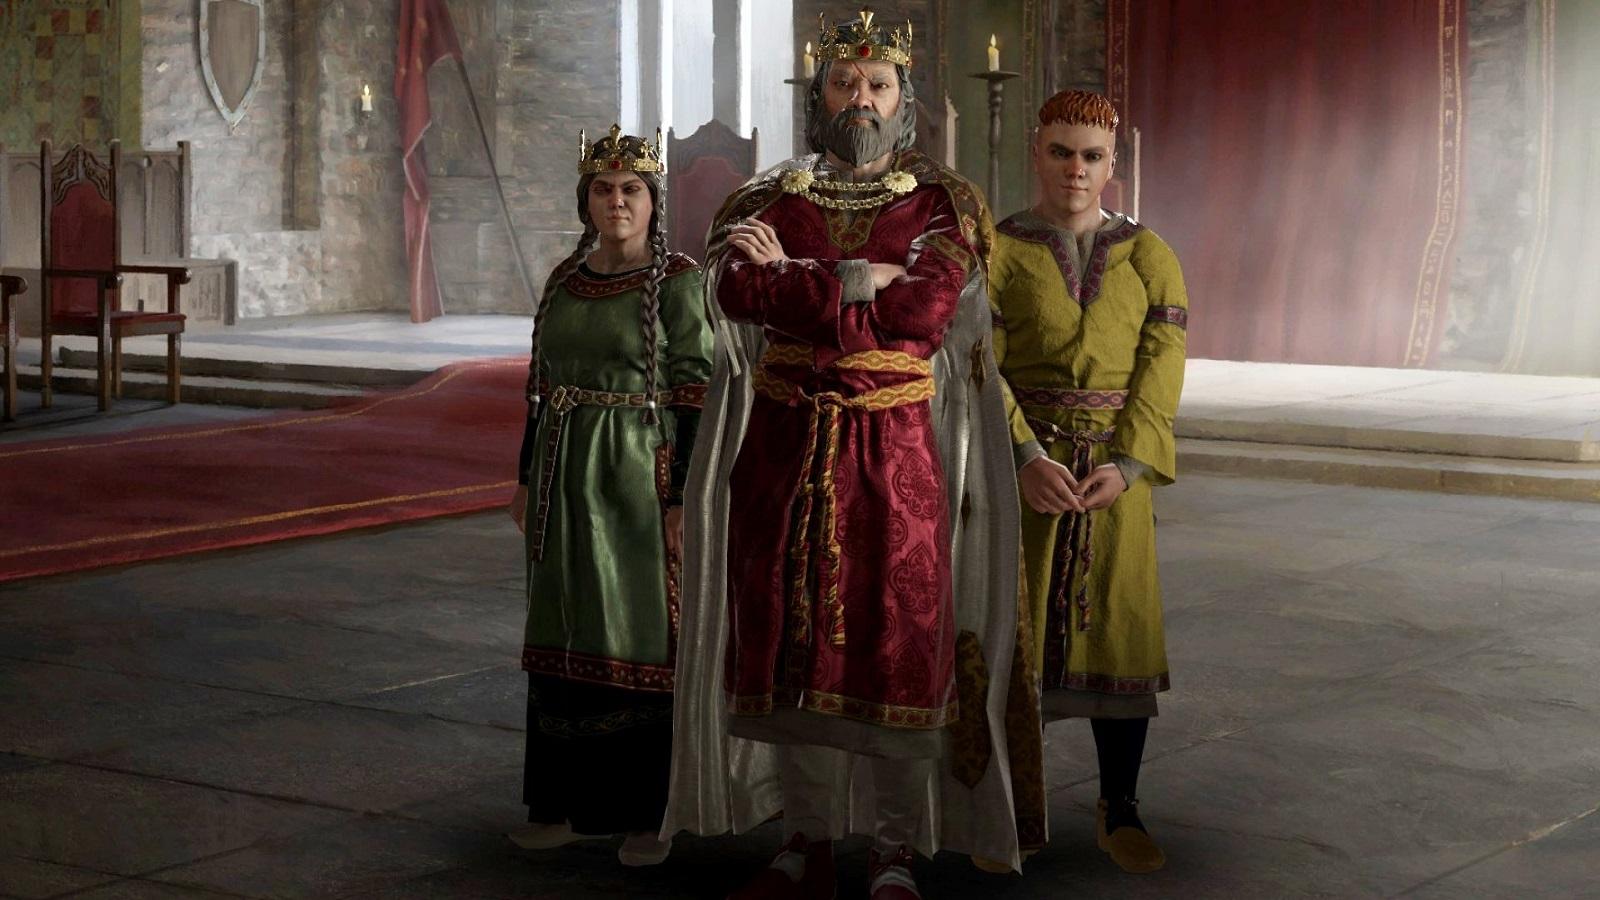 Игроки начали воссоздавать узнаваемых личностей с помощью редактора правителей в Crusader Kings III